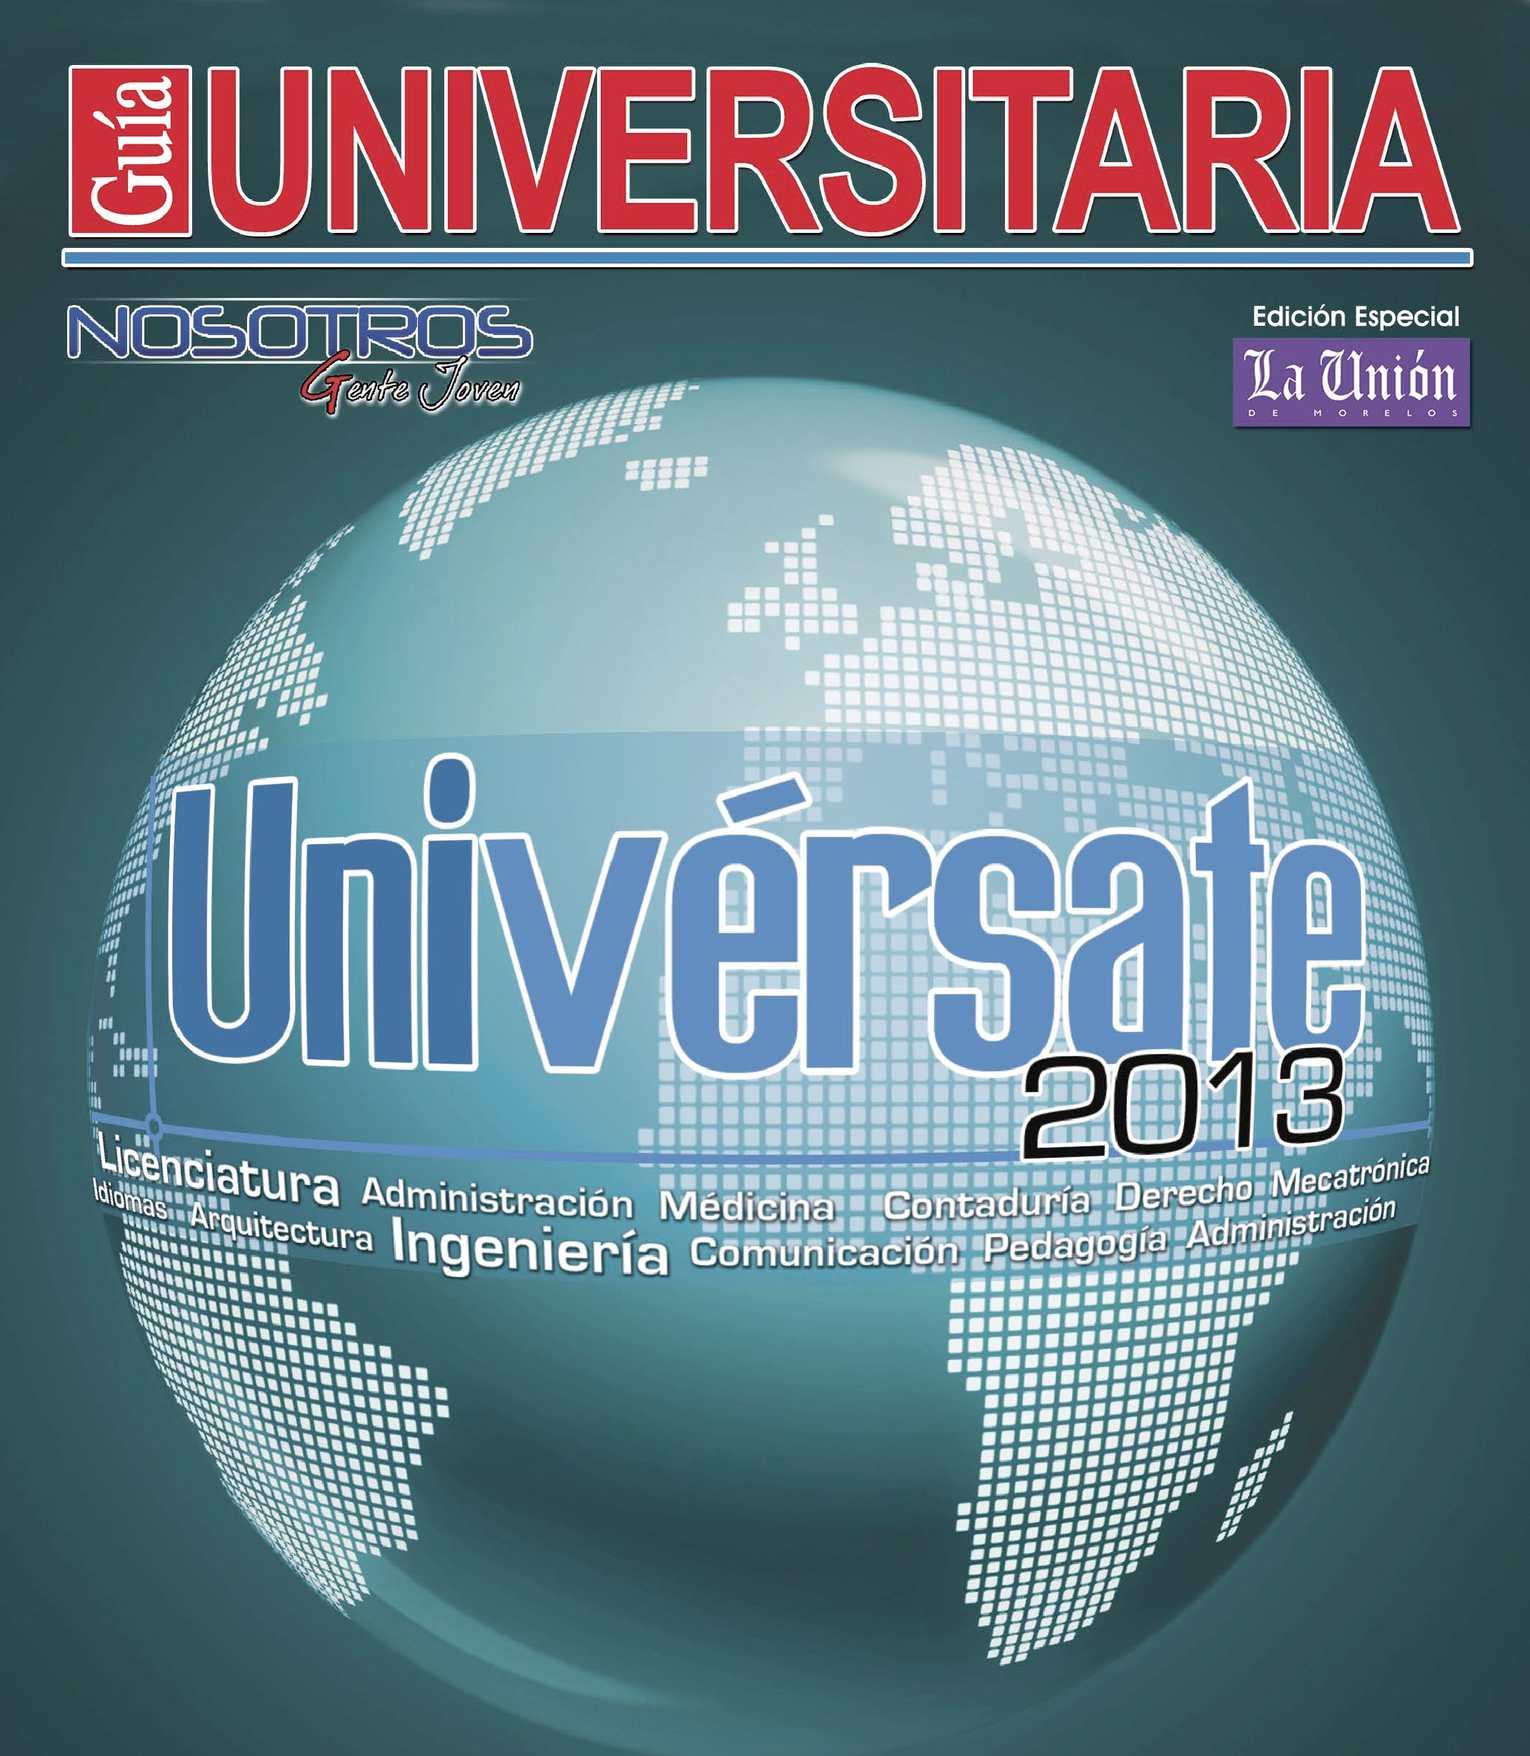 Calaméo - Nosotros Guia Universitaria 2013